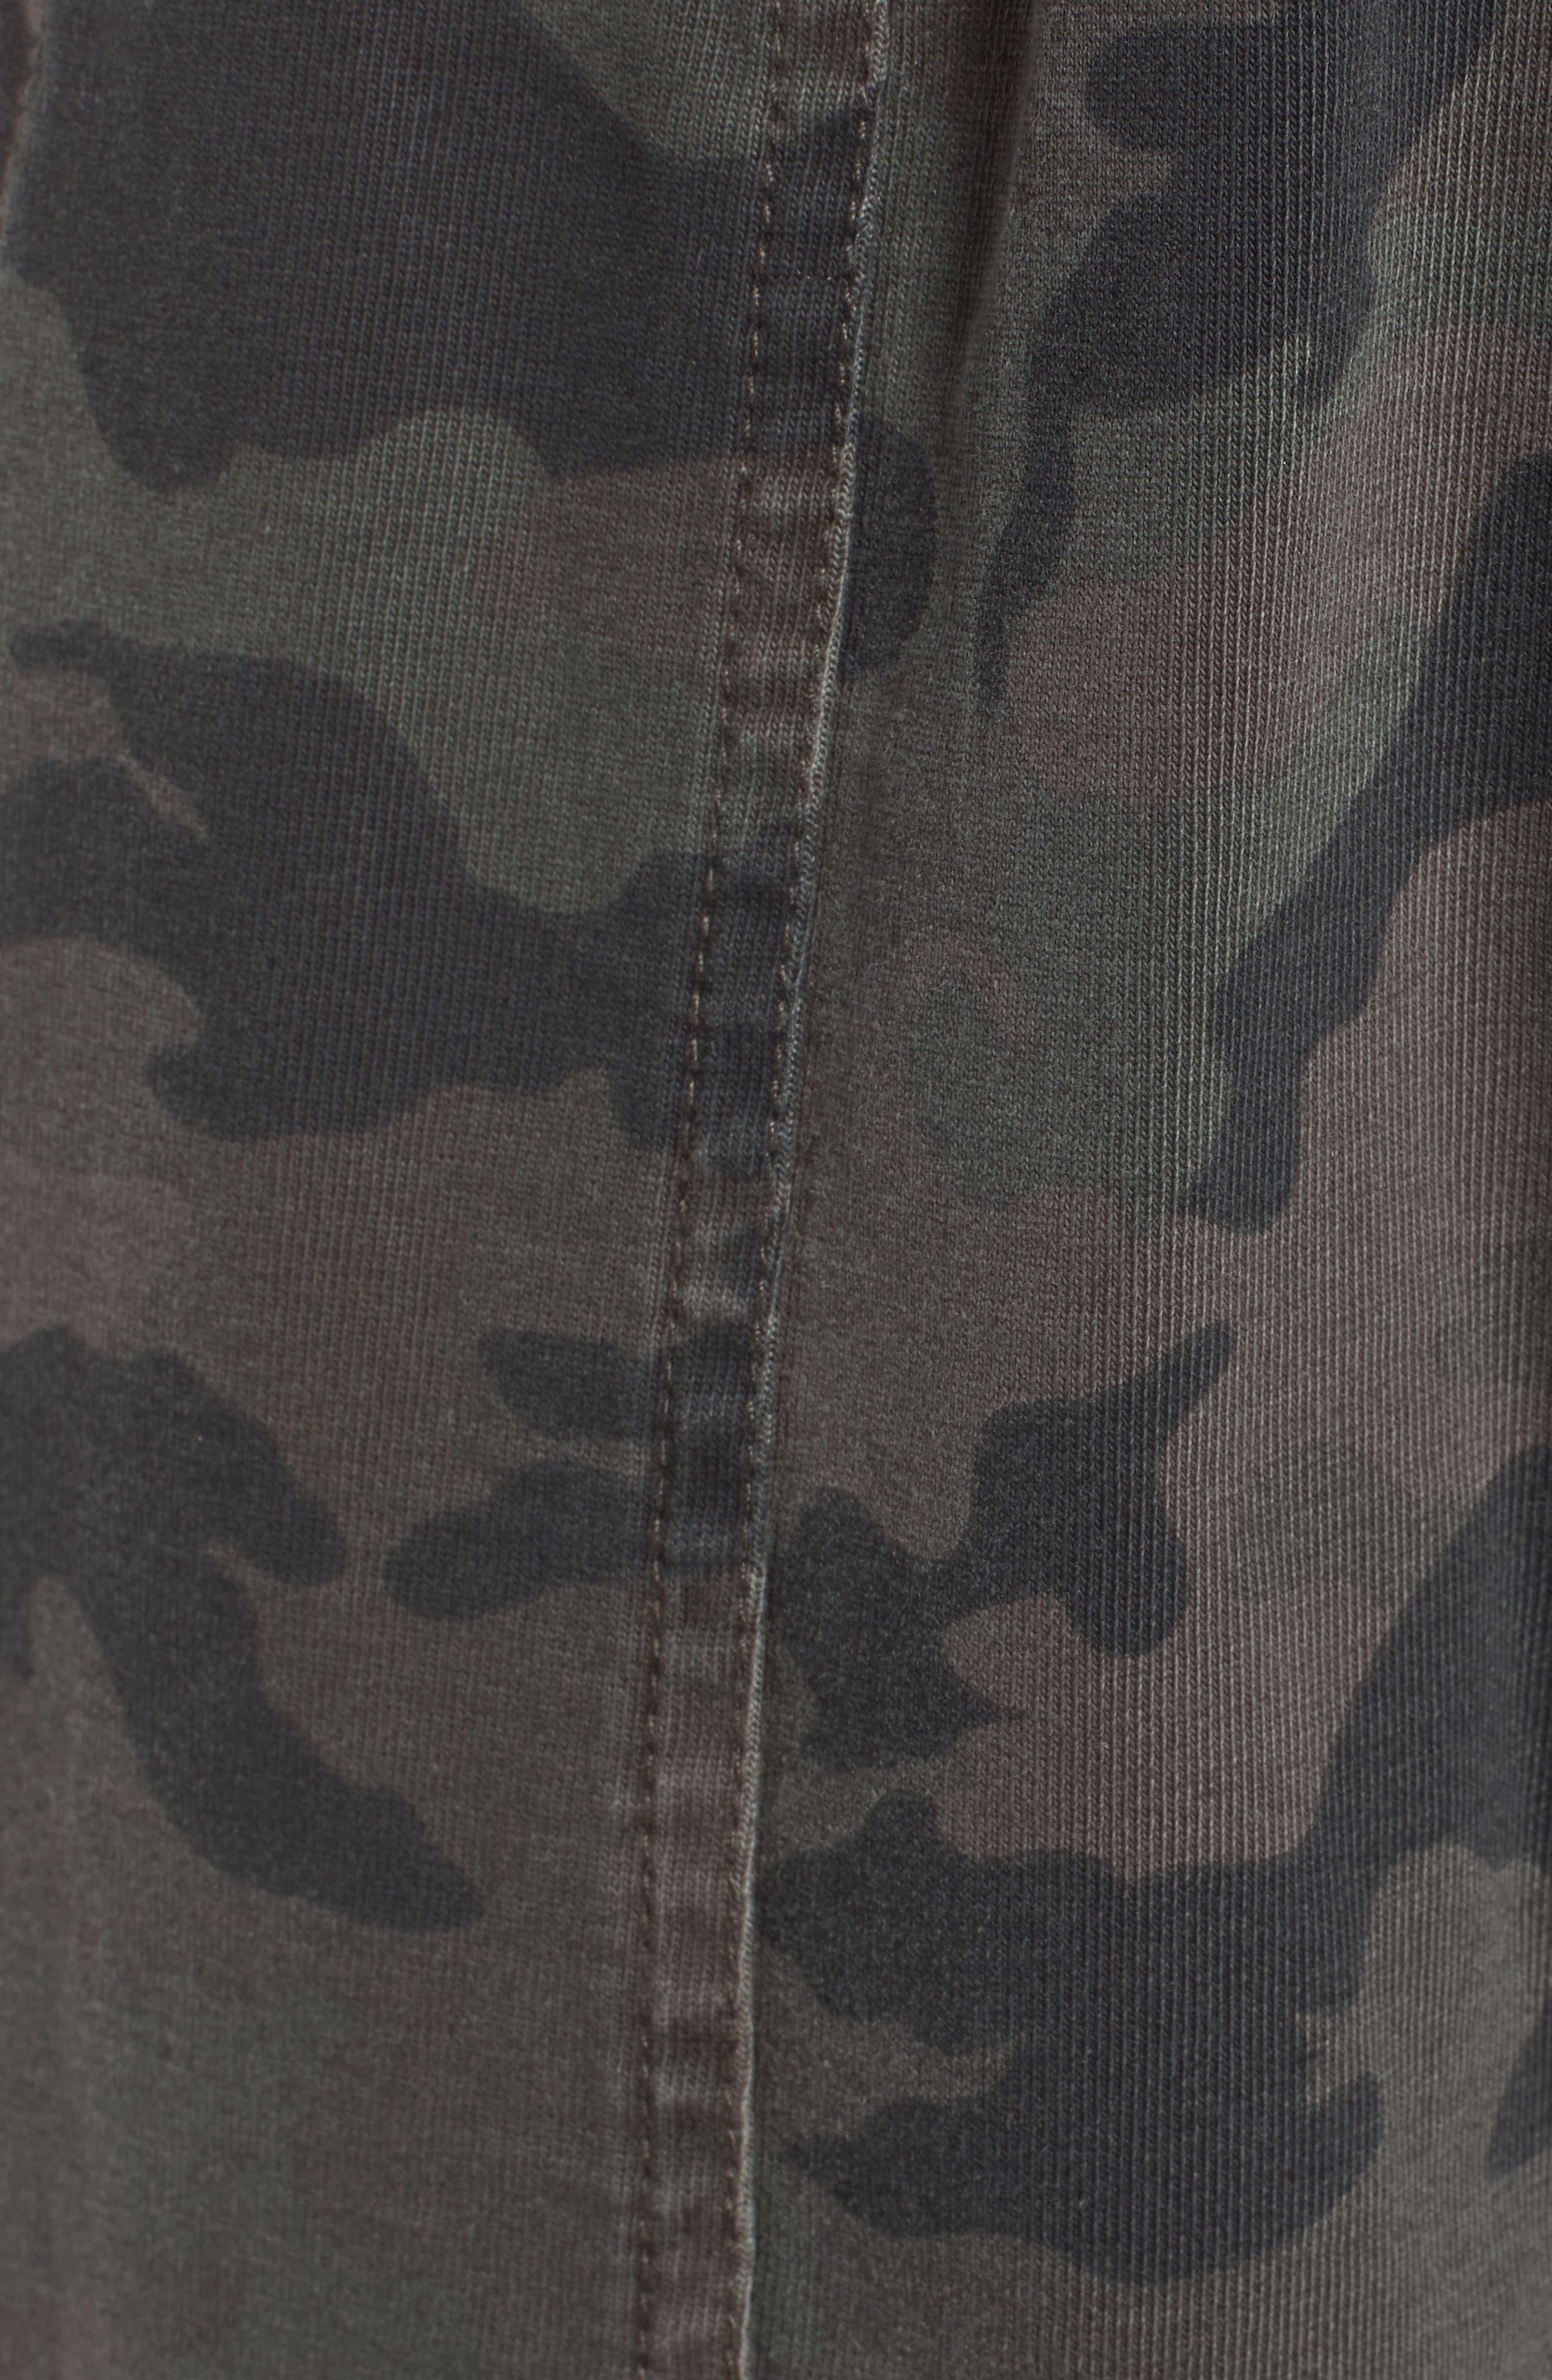 Contrast Waist Camo Jogger Pants,                             Alternate thumbnail 6, color,                             005